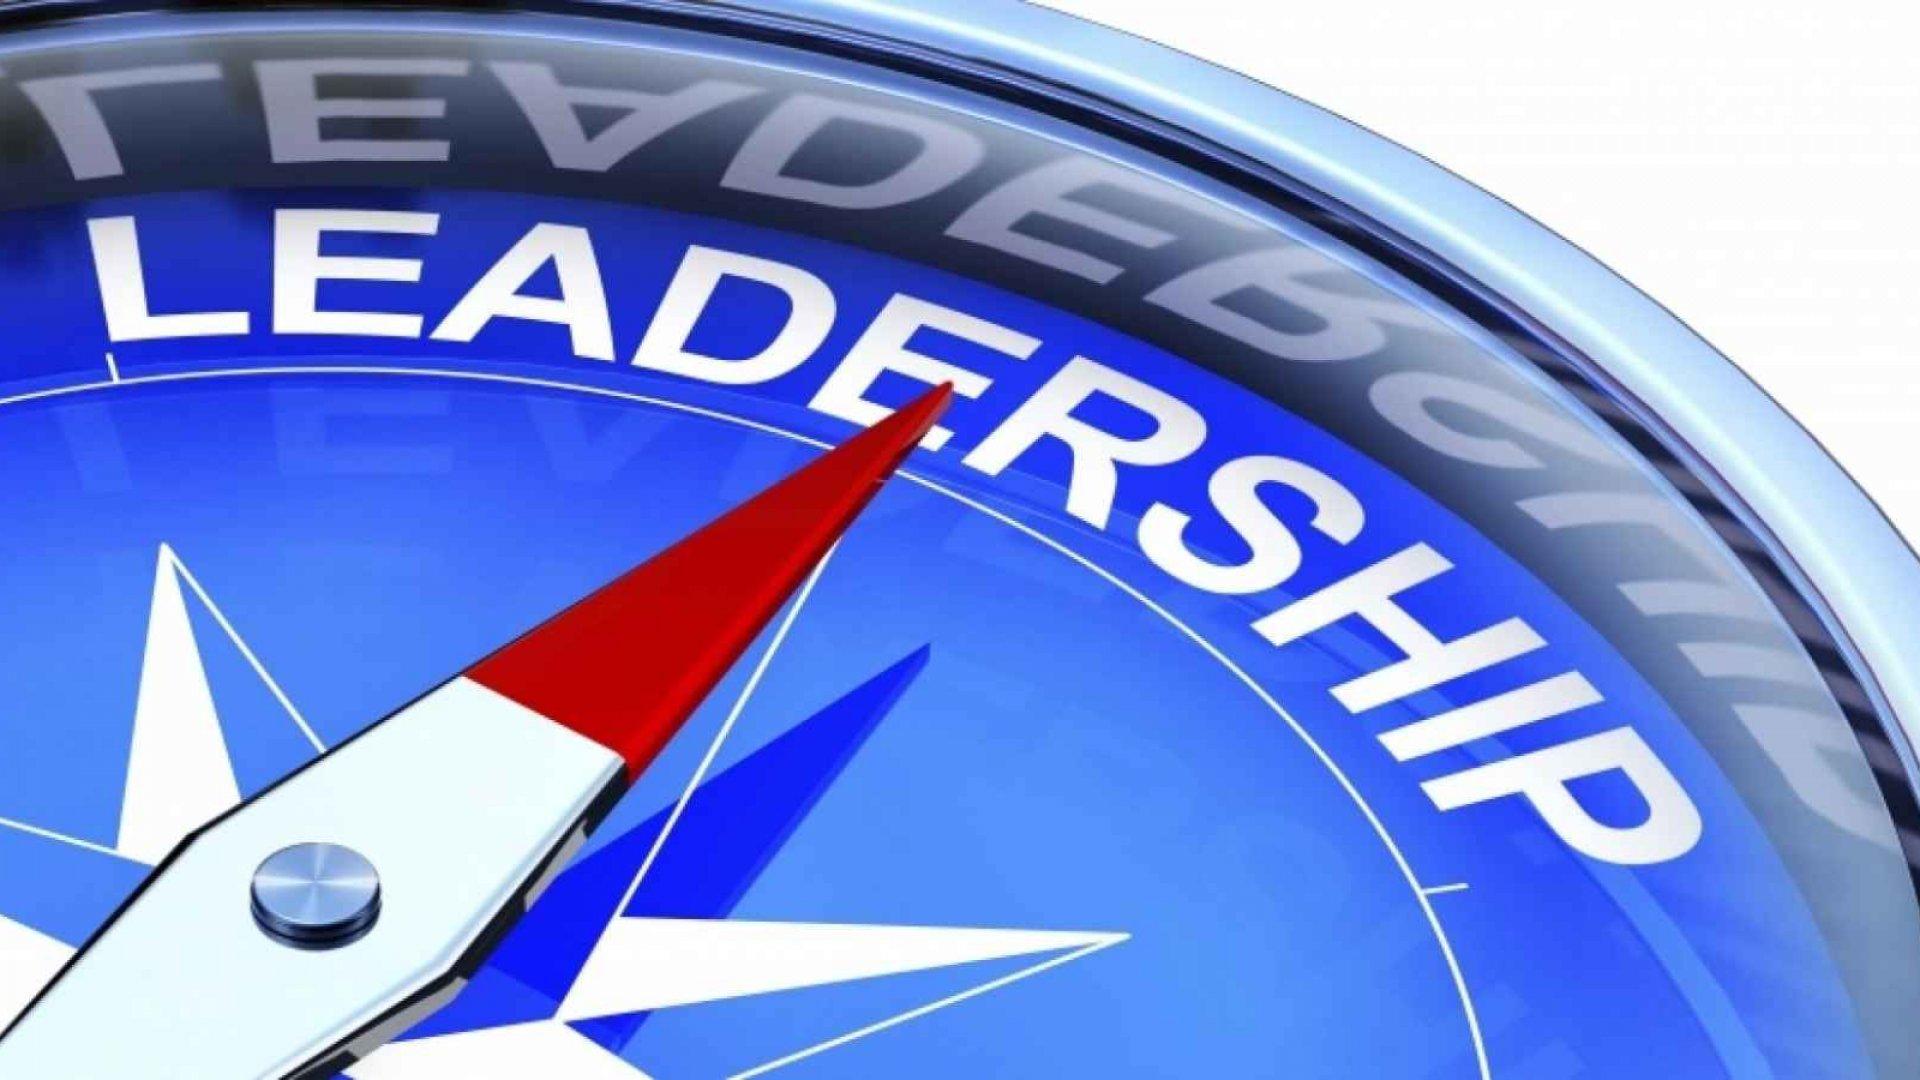 17 Ways Great Leaders Motivate Their People